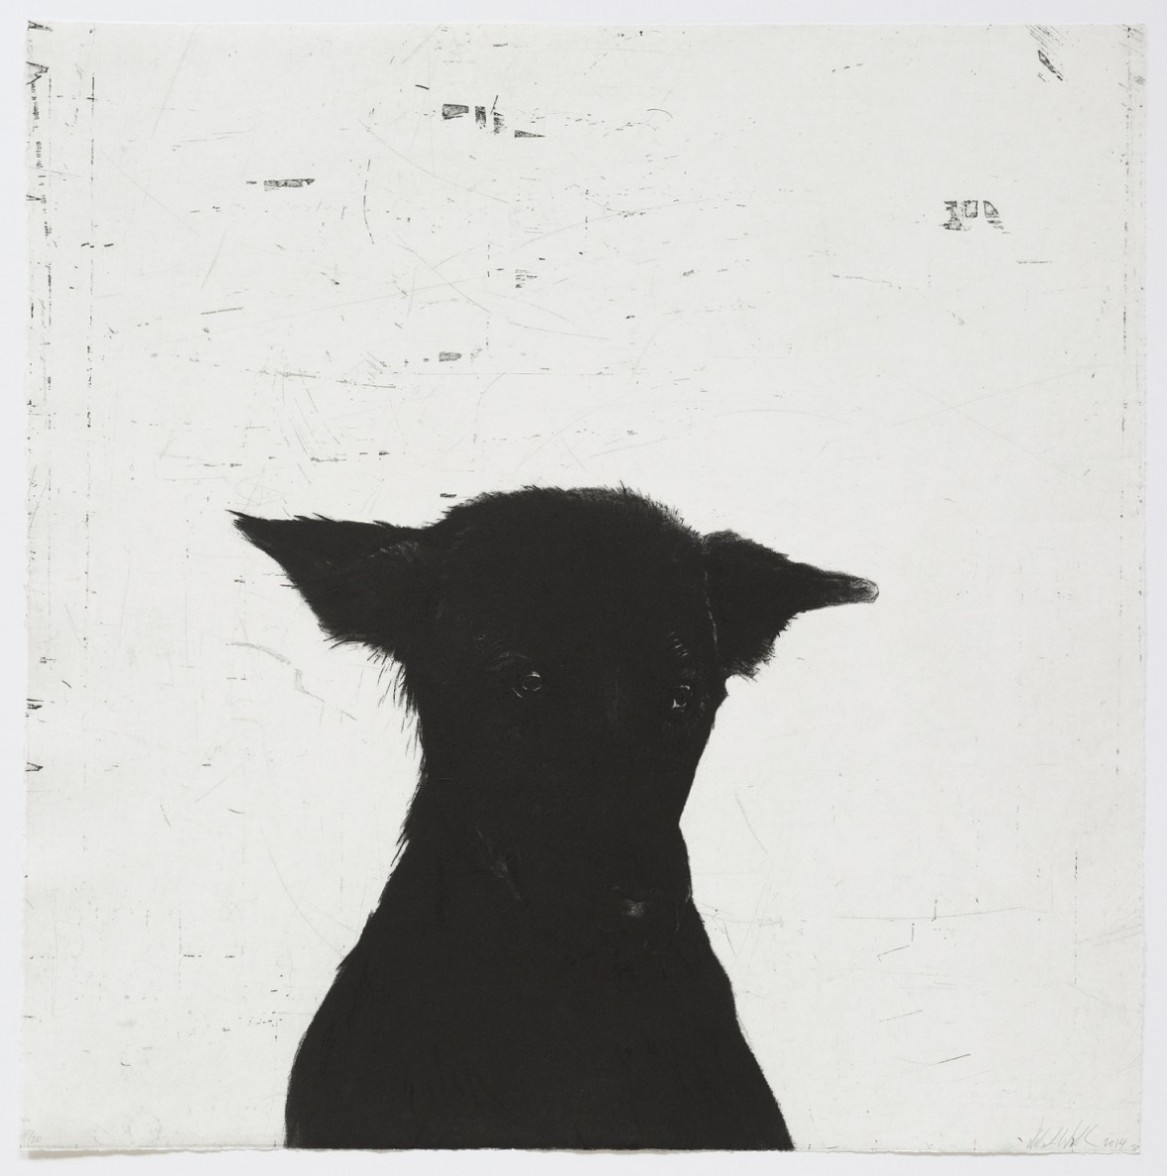 The dog itself